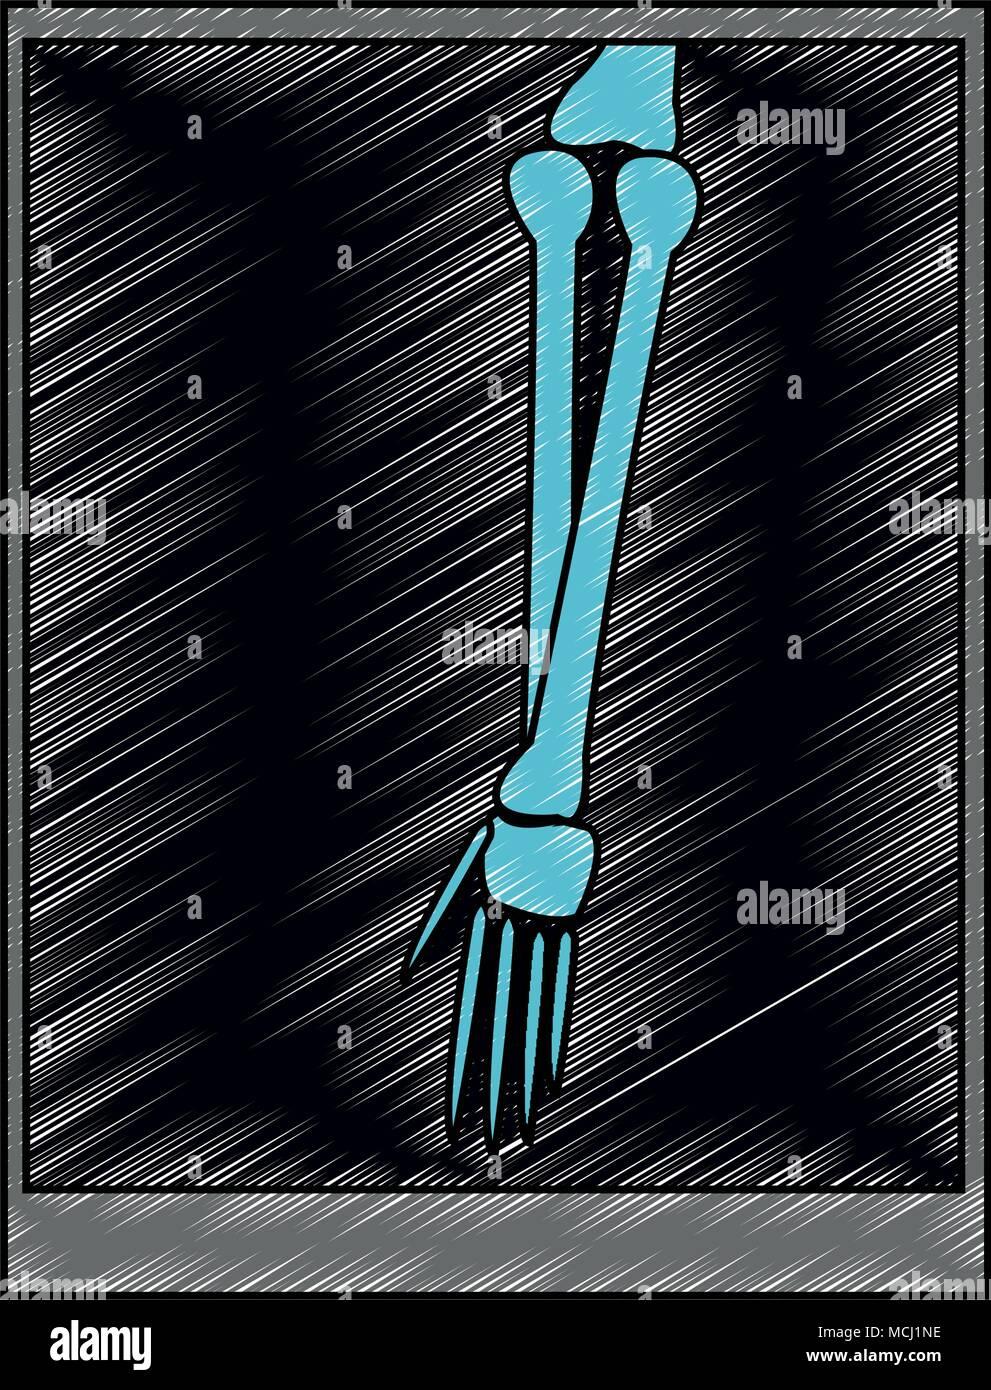 Xray bones images scribble Stock Vector